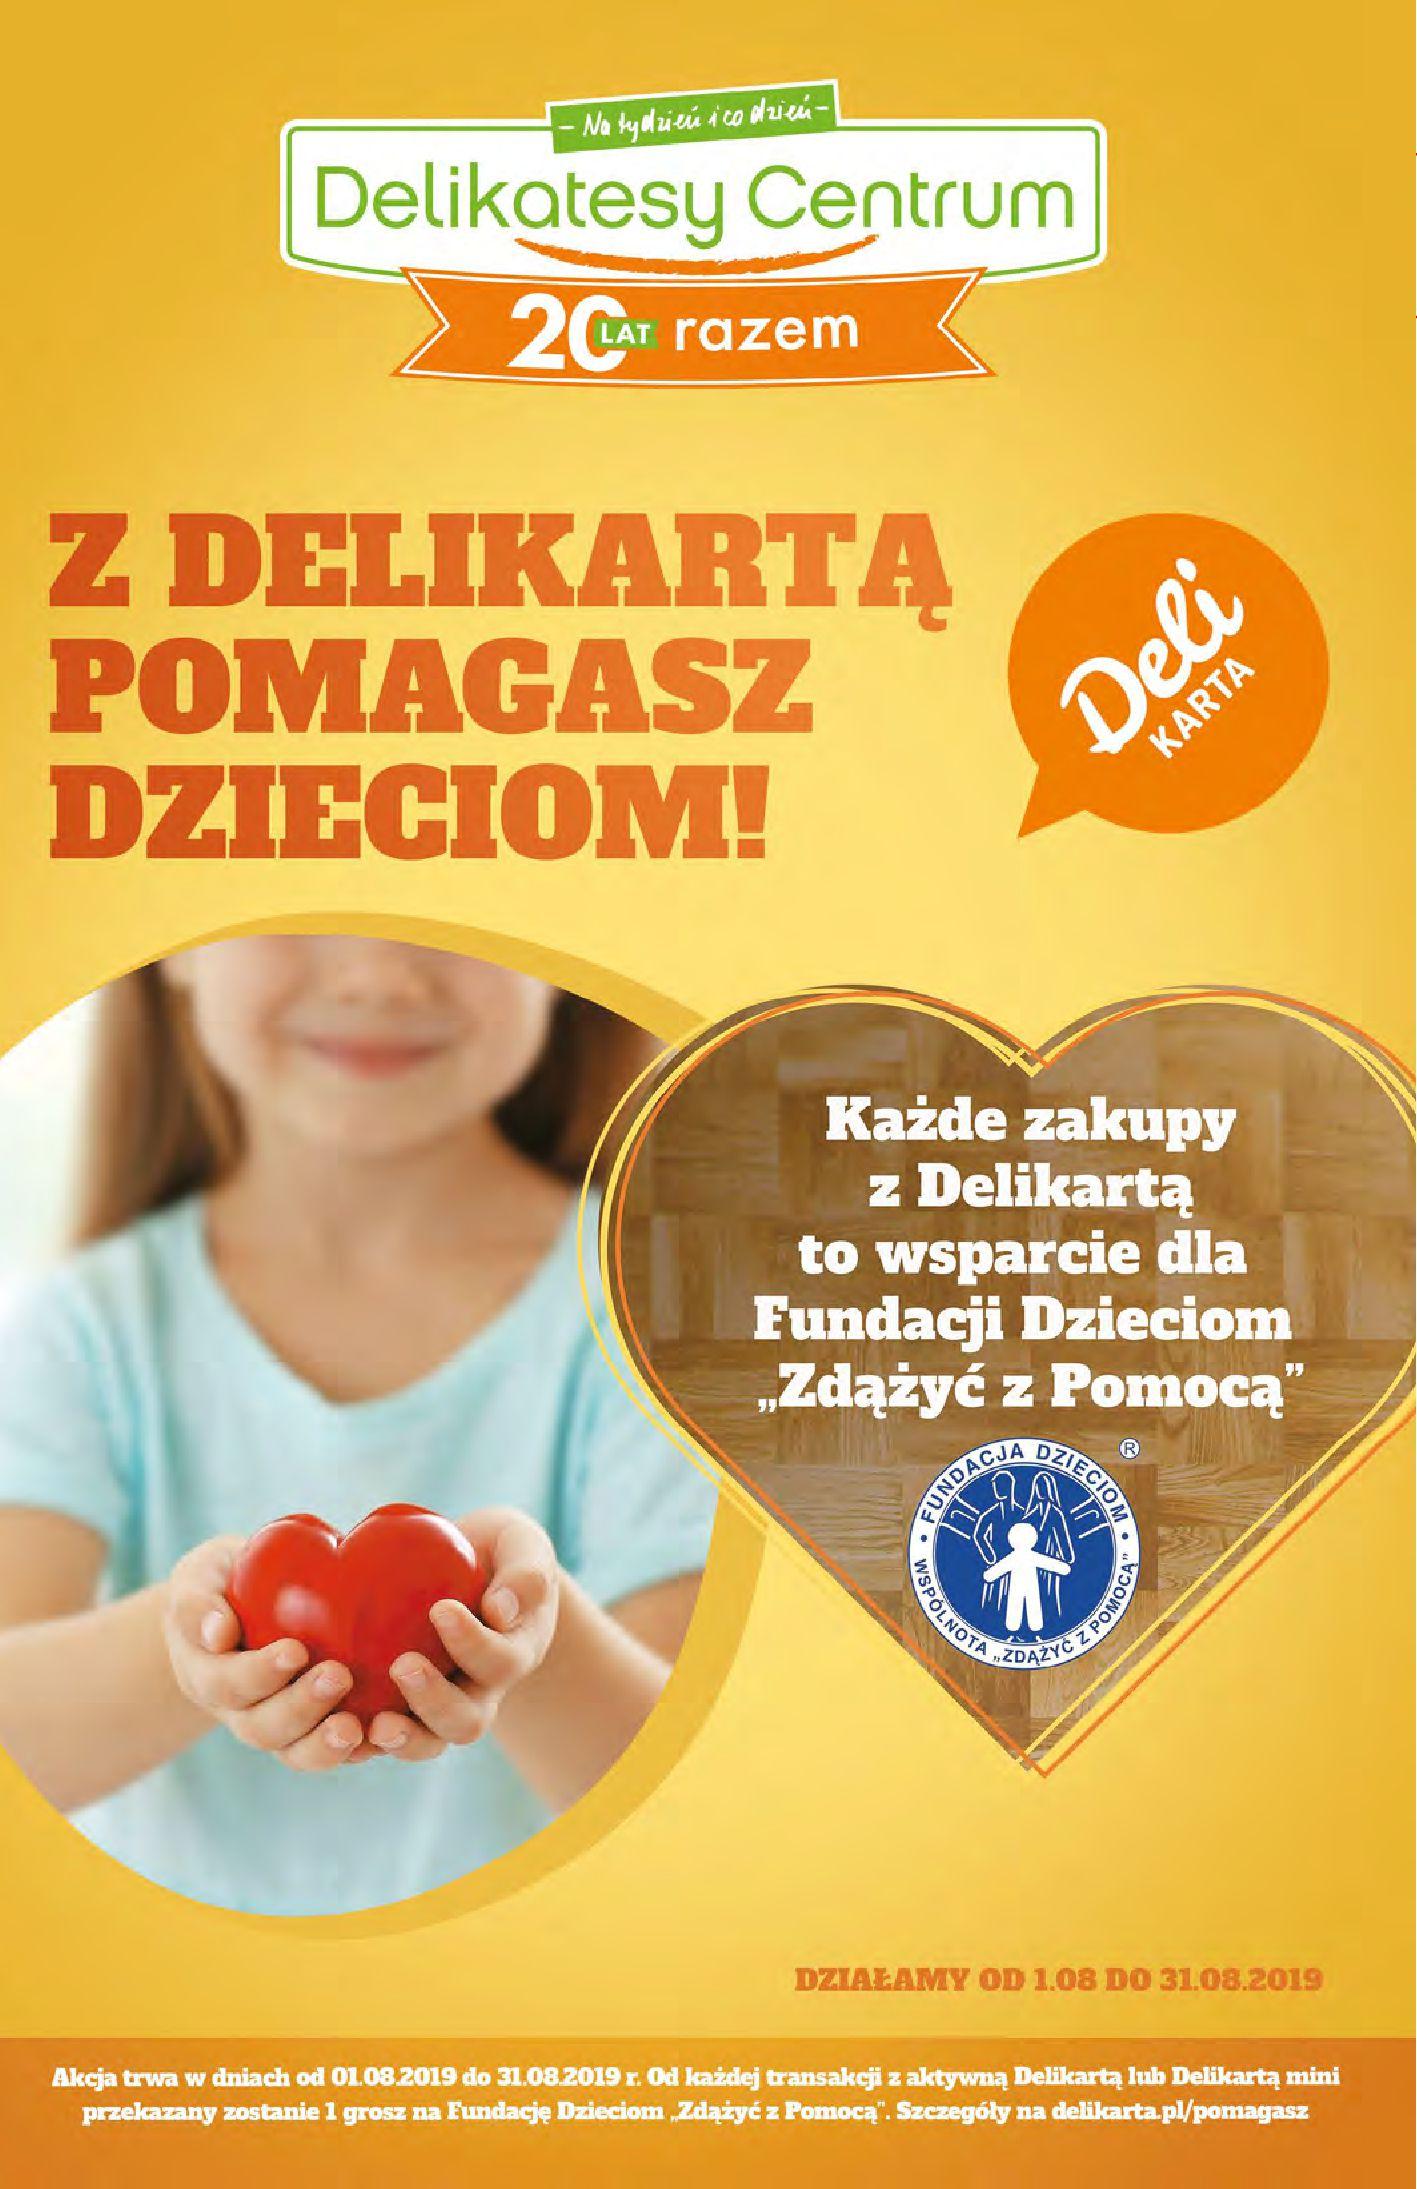 Gazetka Delikatesy Centrum - Oferta na art. spożywcze i kosmetyki-13.08.2019-21.08.2019-page-